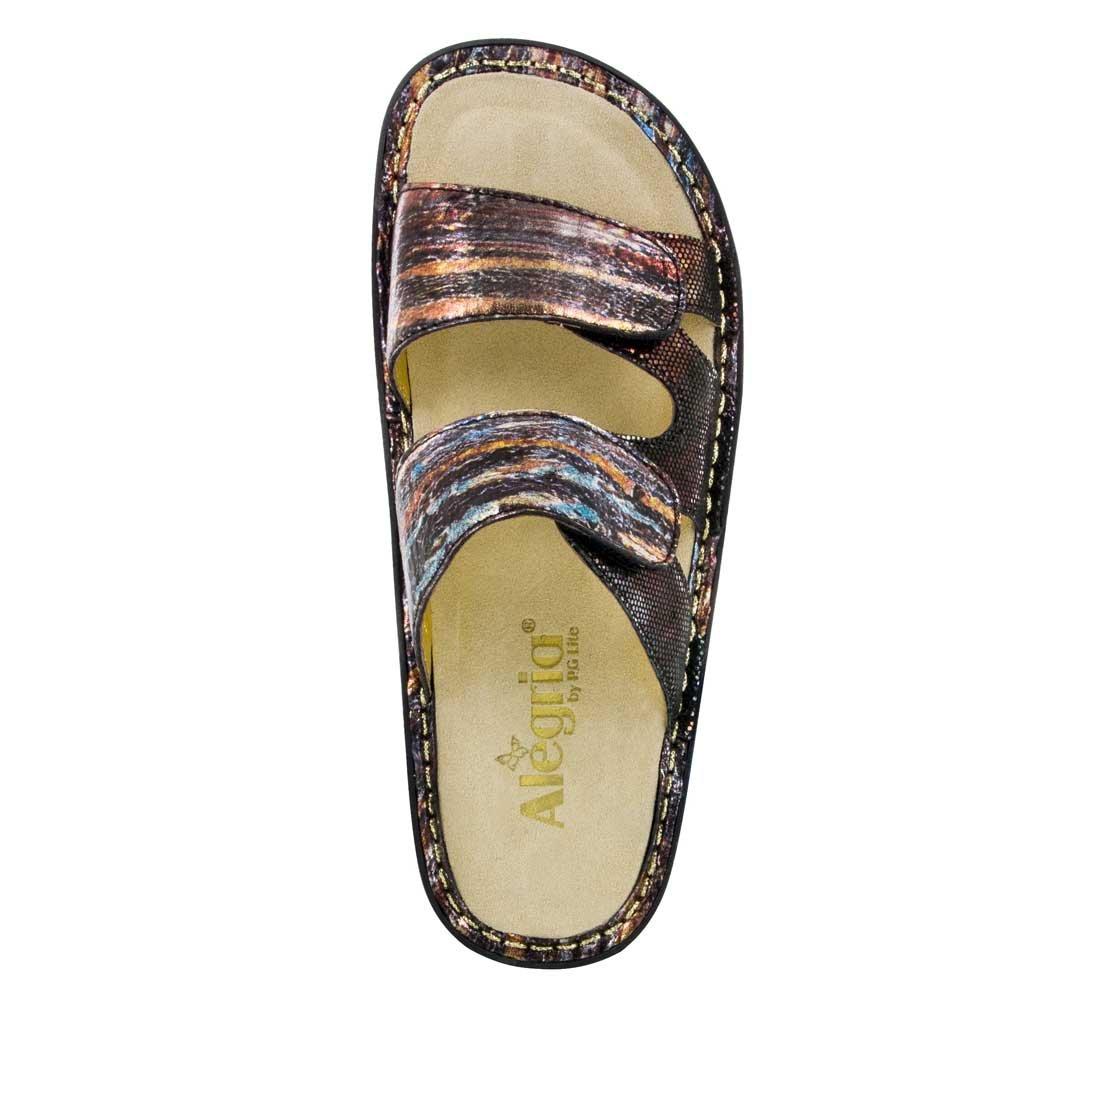 Alegria Women's Cami Boot B01IO28K2U 38 B(M) M EU / 8-8.5 B(M) 38 US Earthen 254138